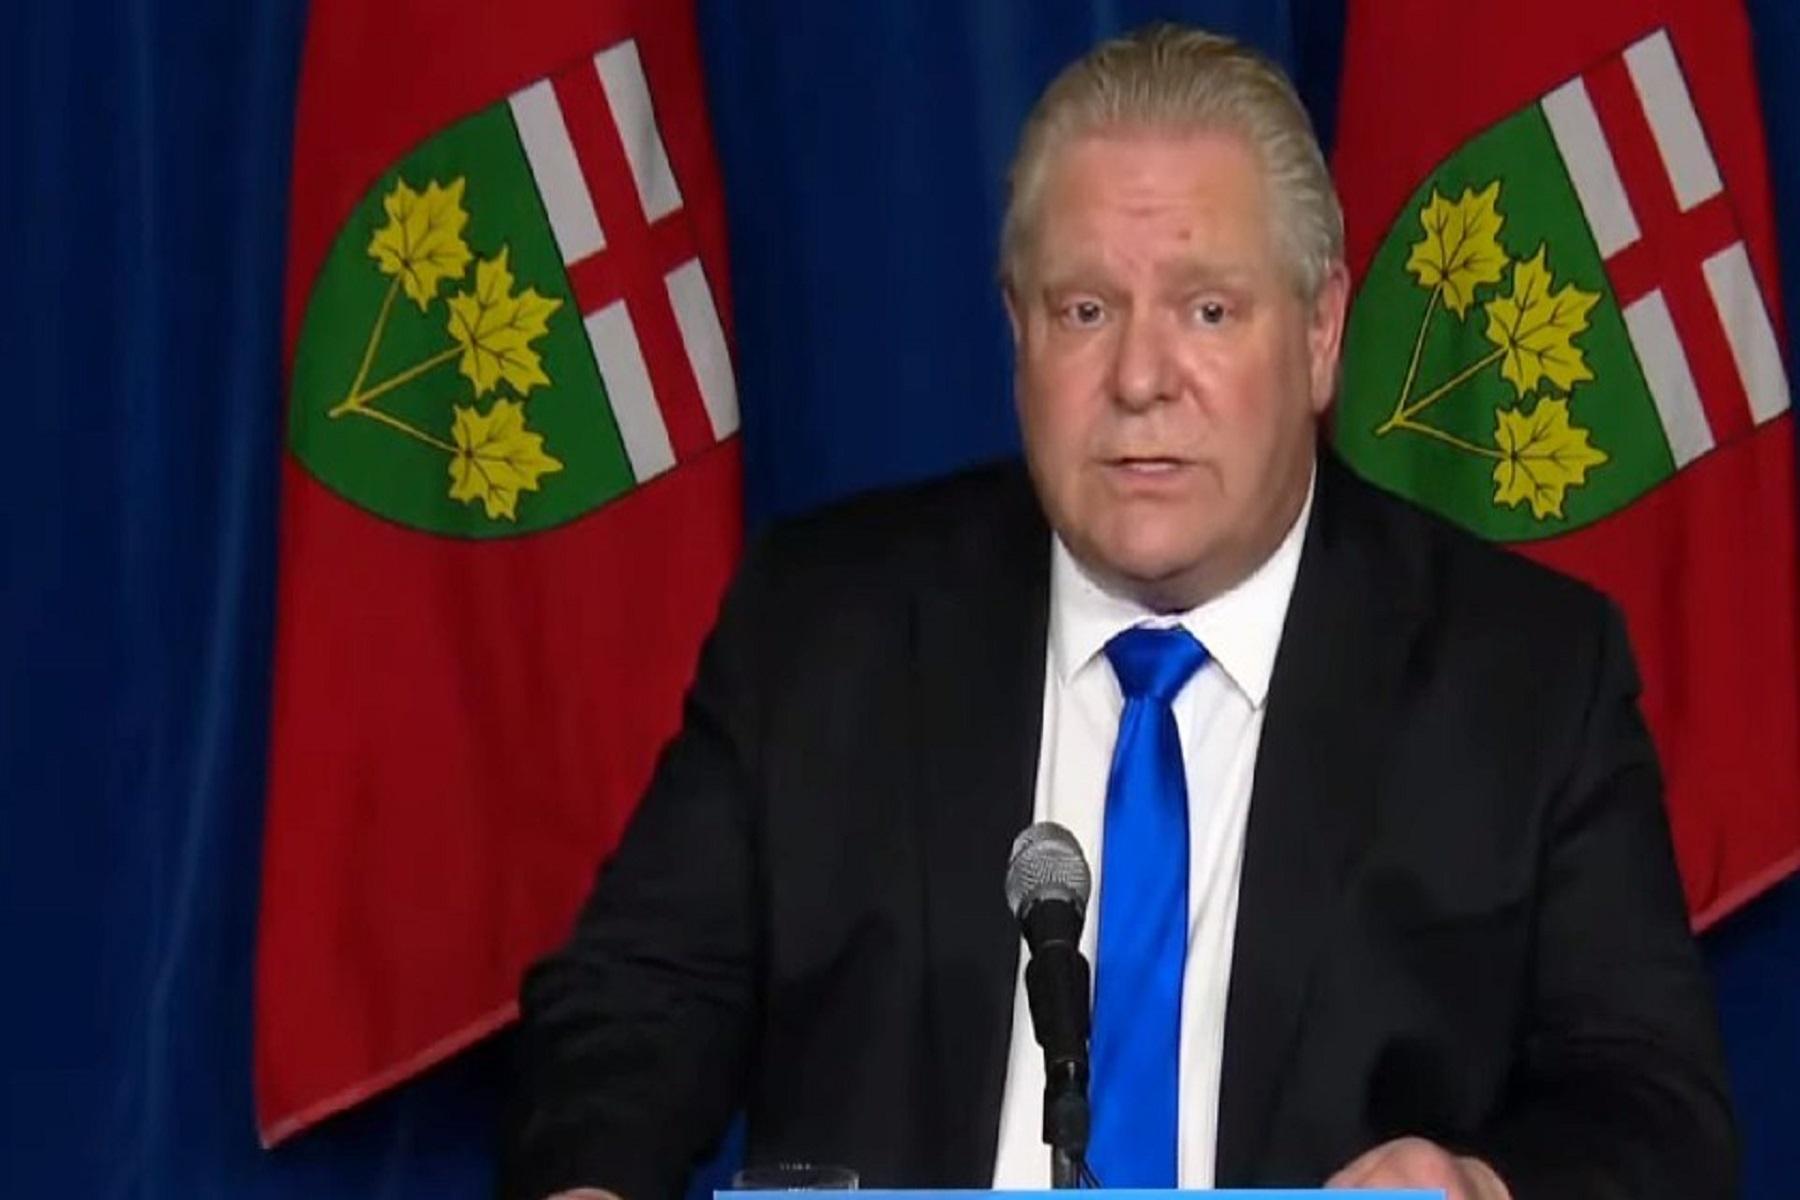 Καναδάς Covid-19: Από τις 3 Απριλίου lockdown στο Οντάριο λόγω του 3ου κύματος κορωνοϊού